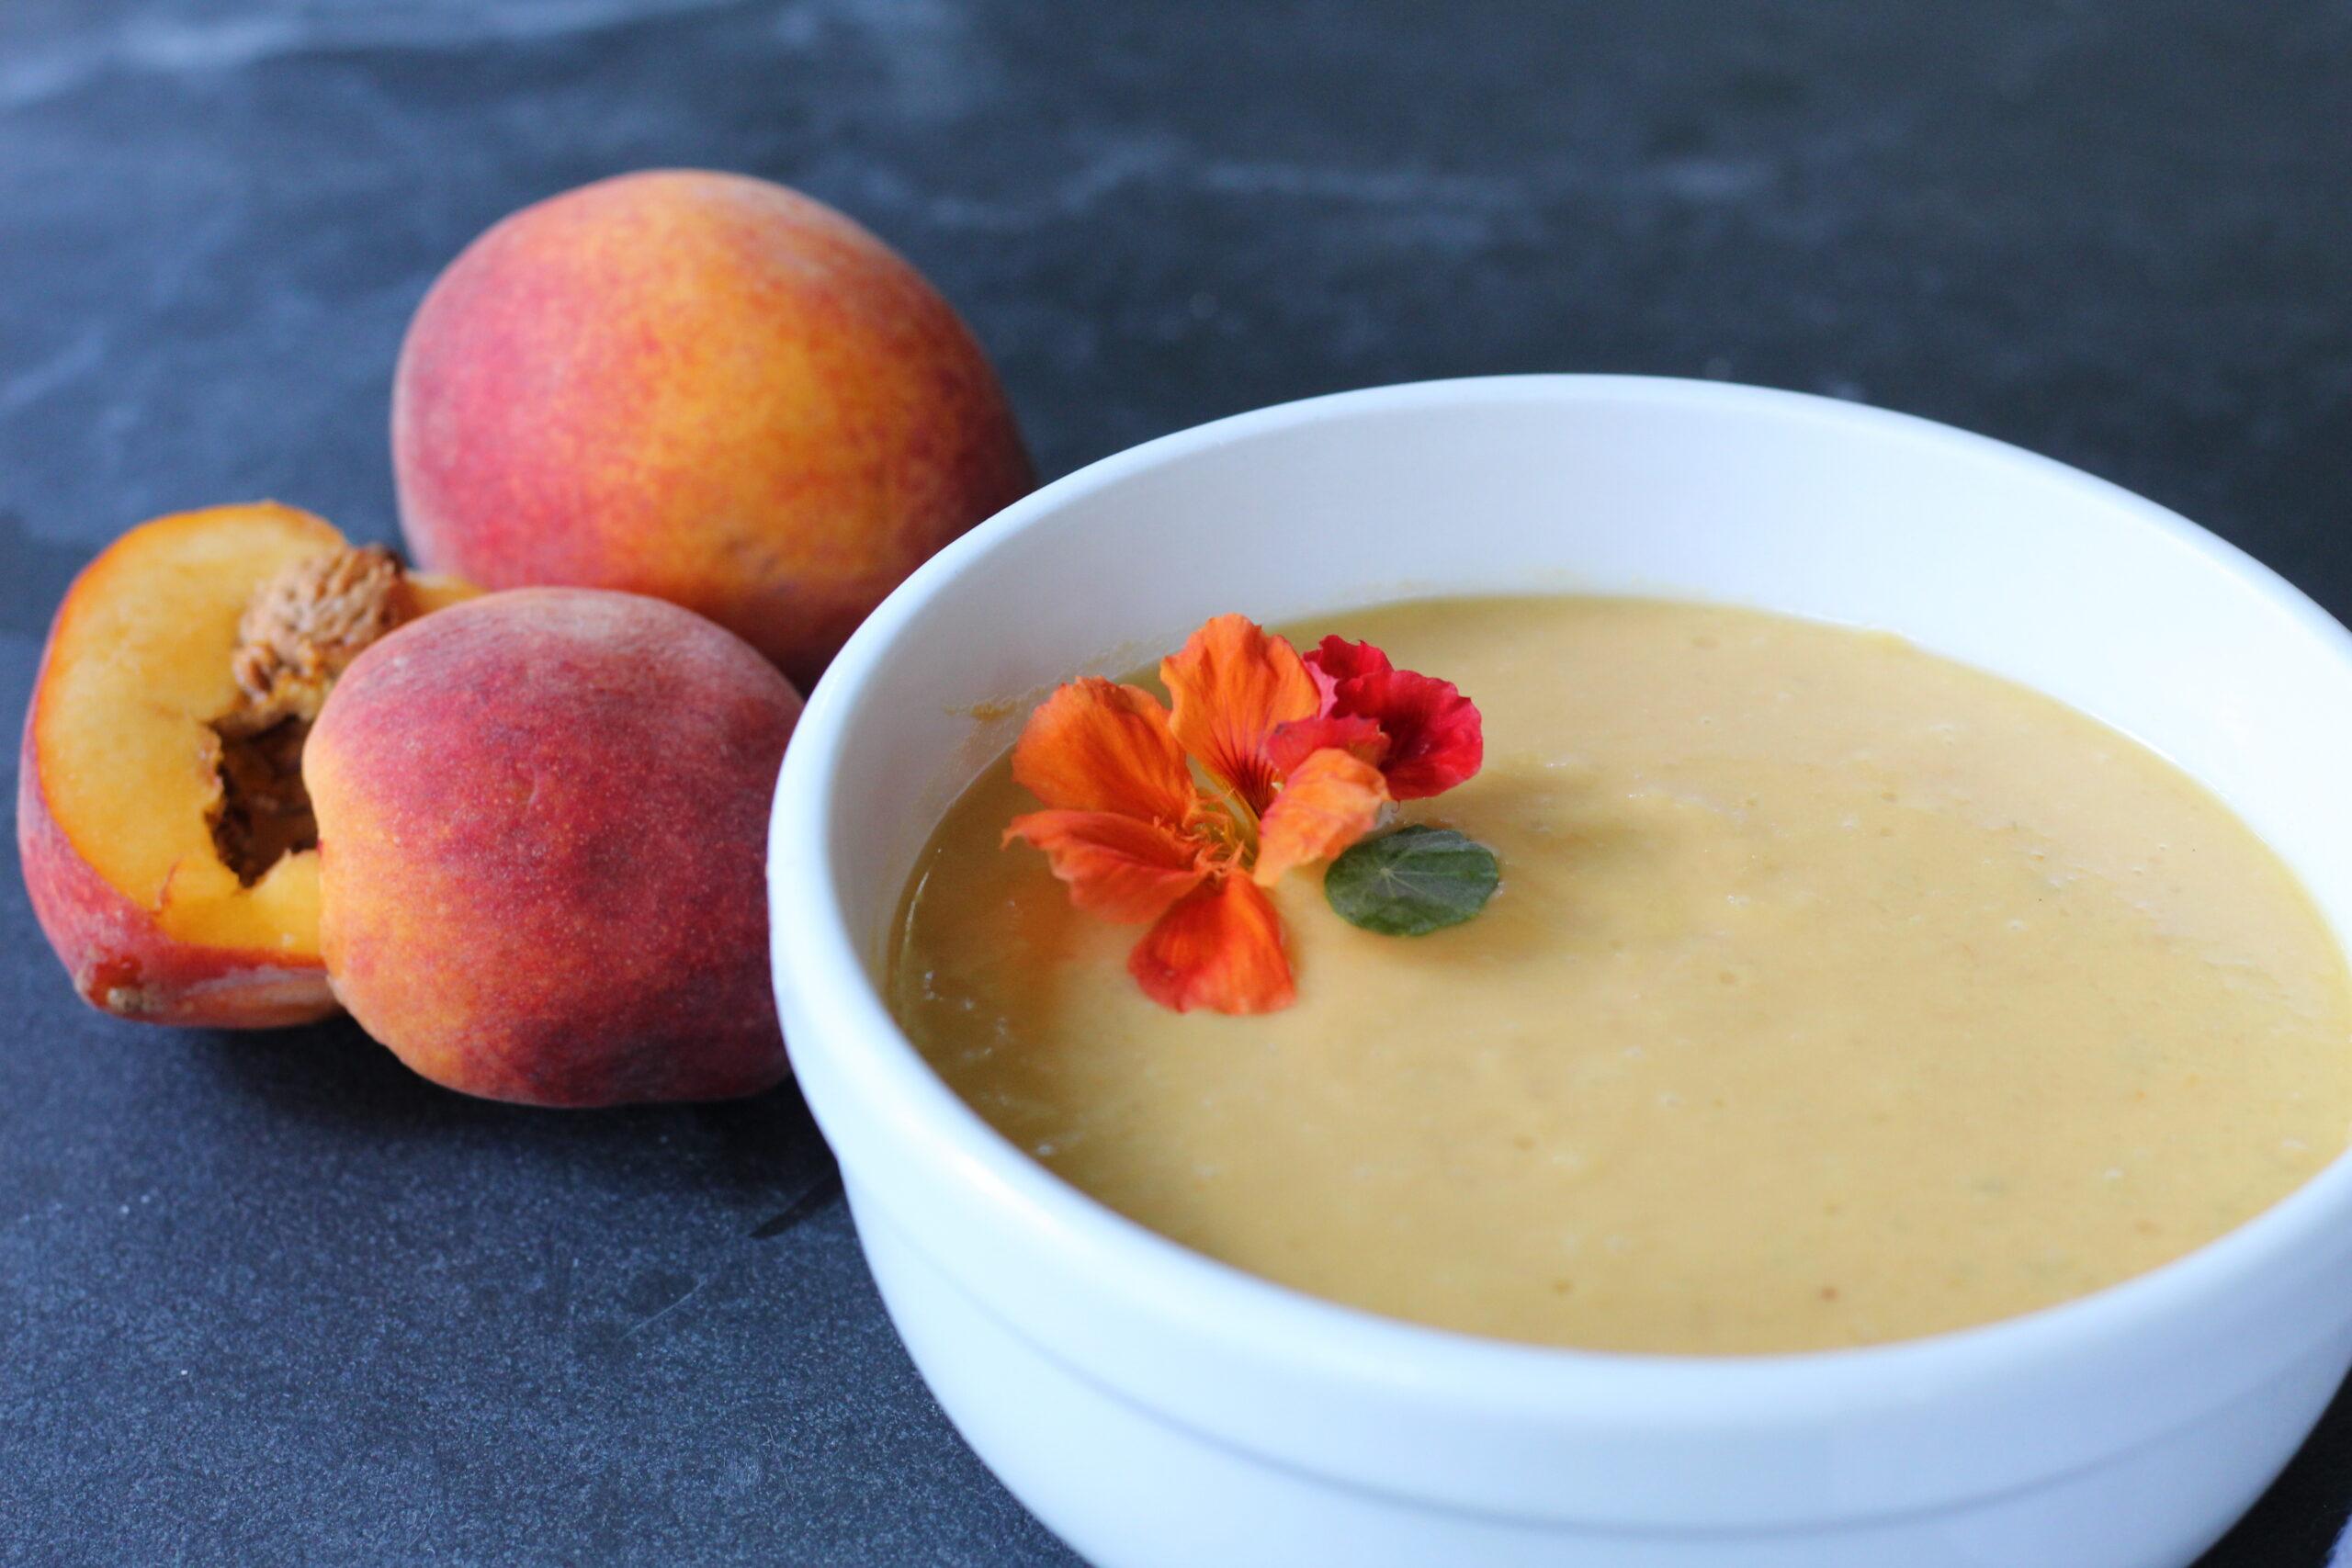 Peaches, Summer, Soups, Dinner, Lunch, One Pot, Vegetarian, Gluten-Free